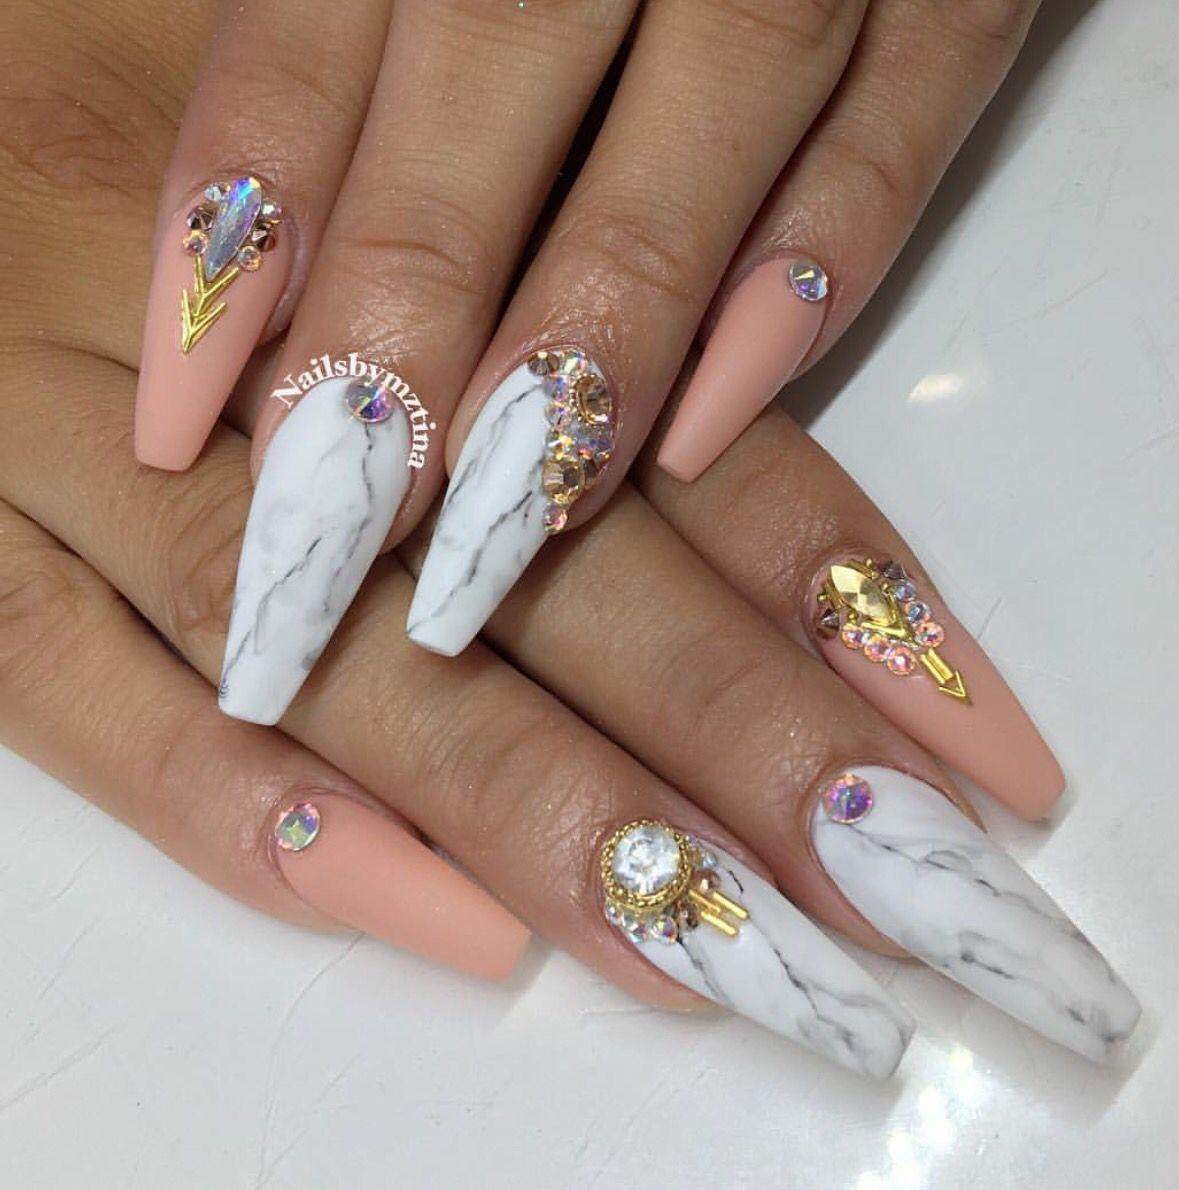 Pin by lina Mzo on Cute nails! | Pinterest | Nail nail, Coffin nails ...